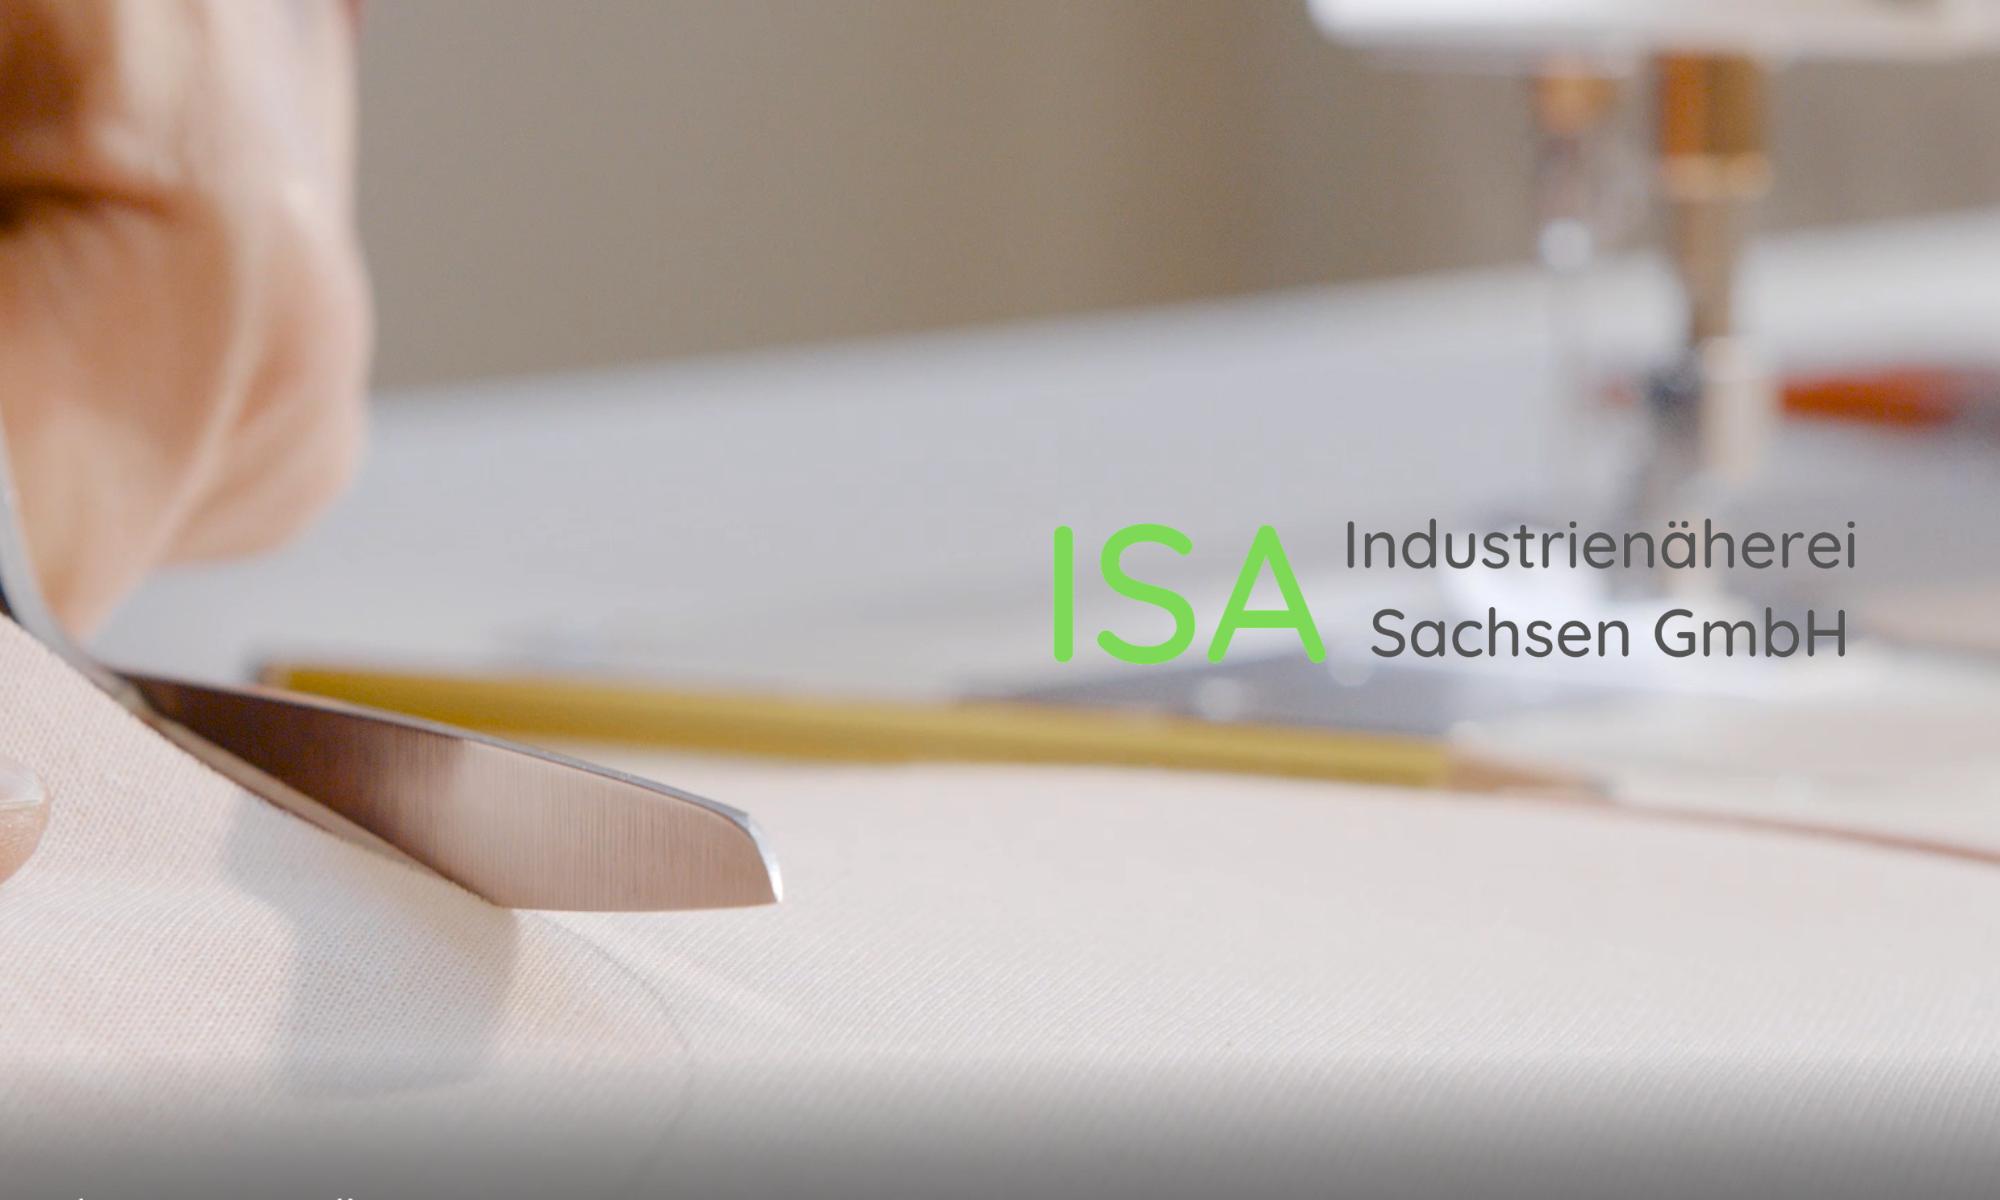 Industrienäherei Sachsen GmbH